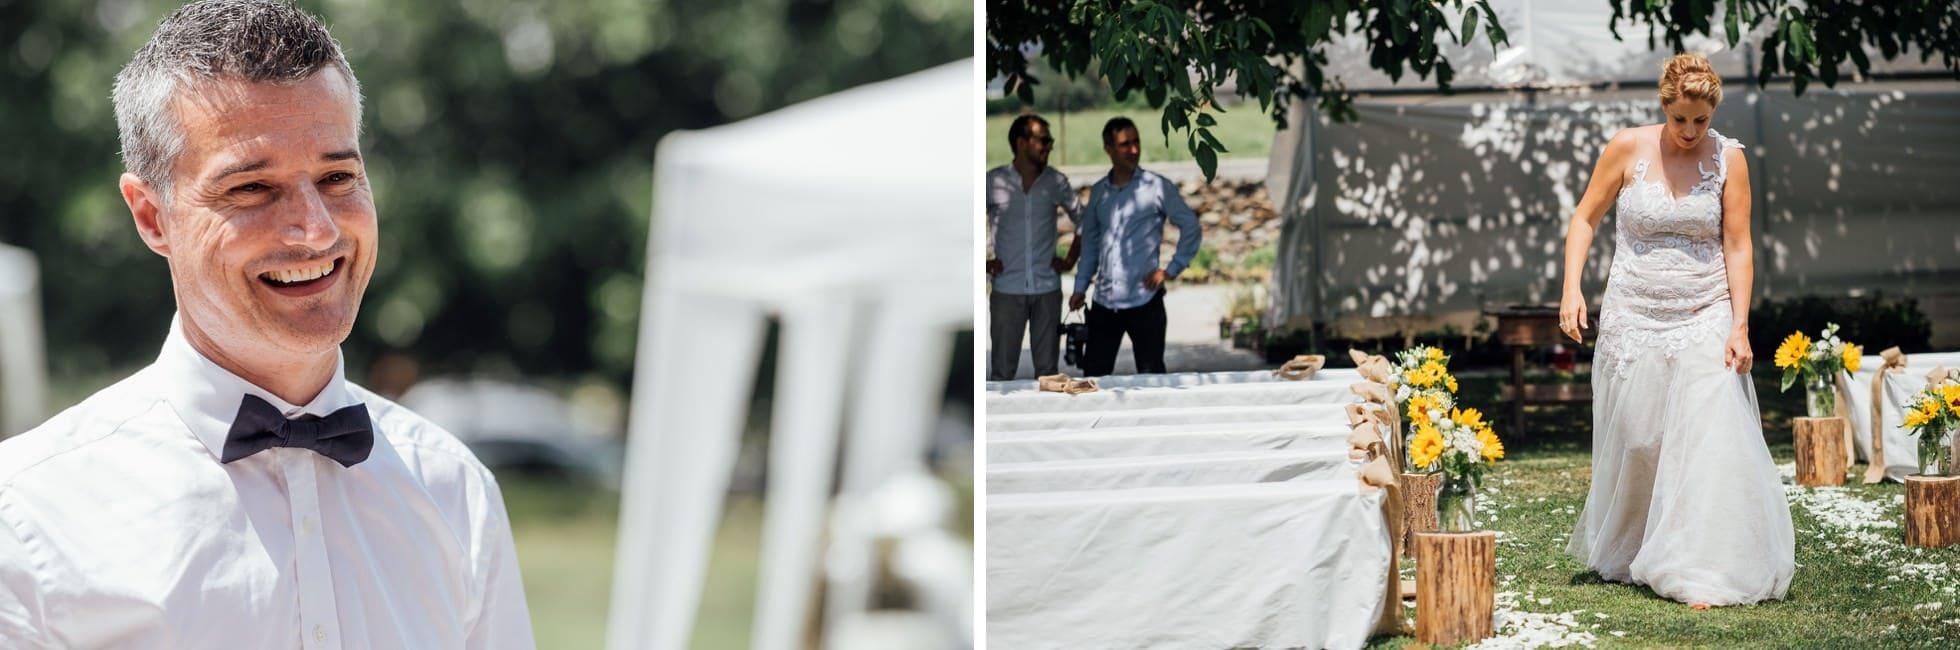 fotografo matrimonio morbegno